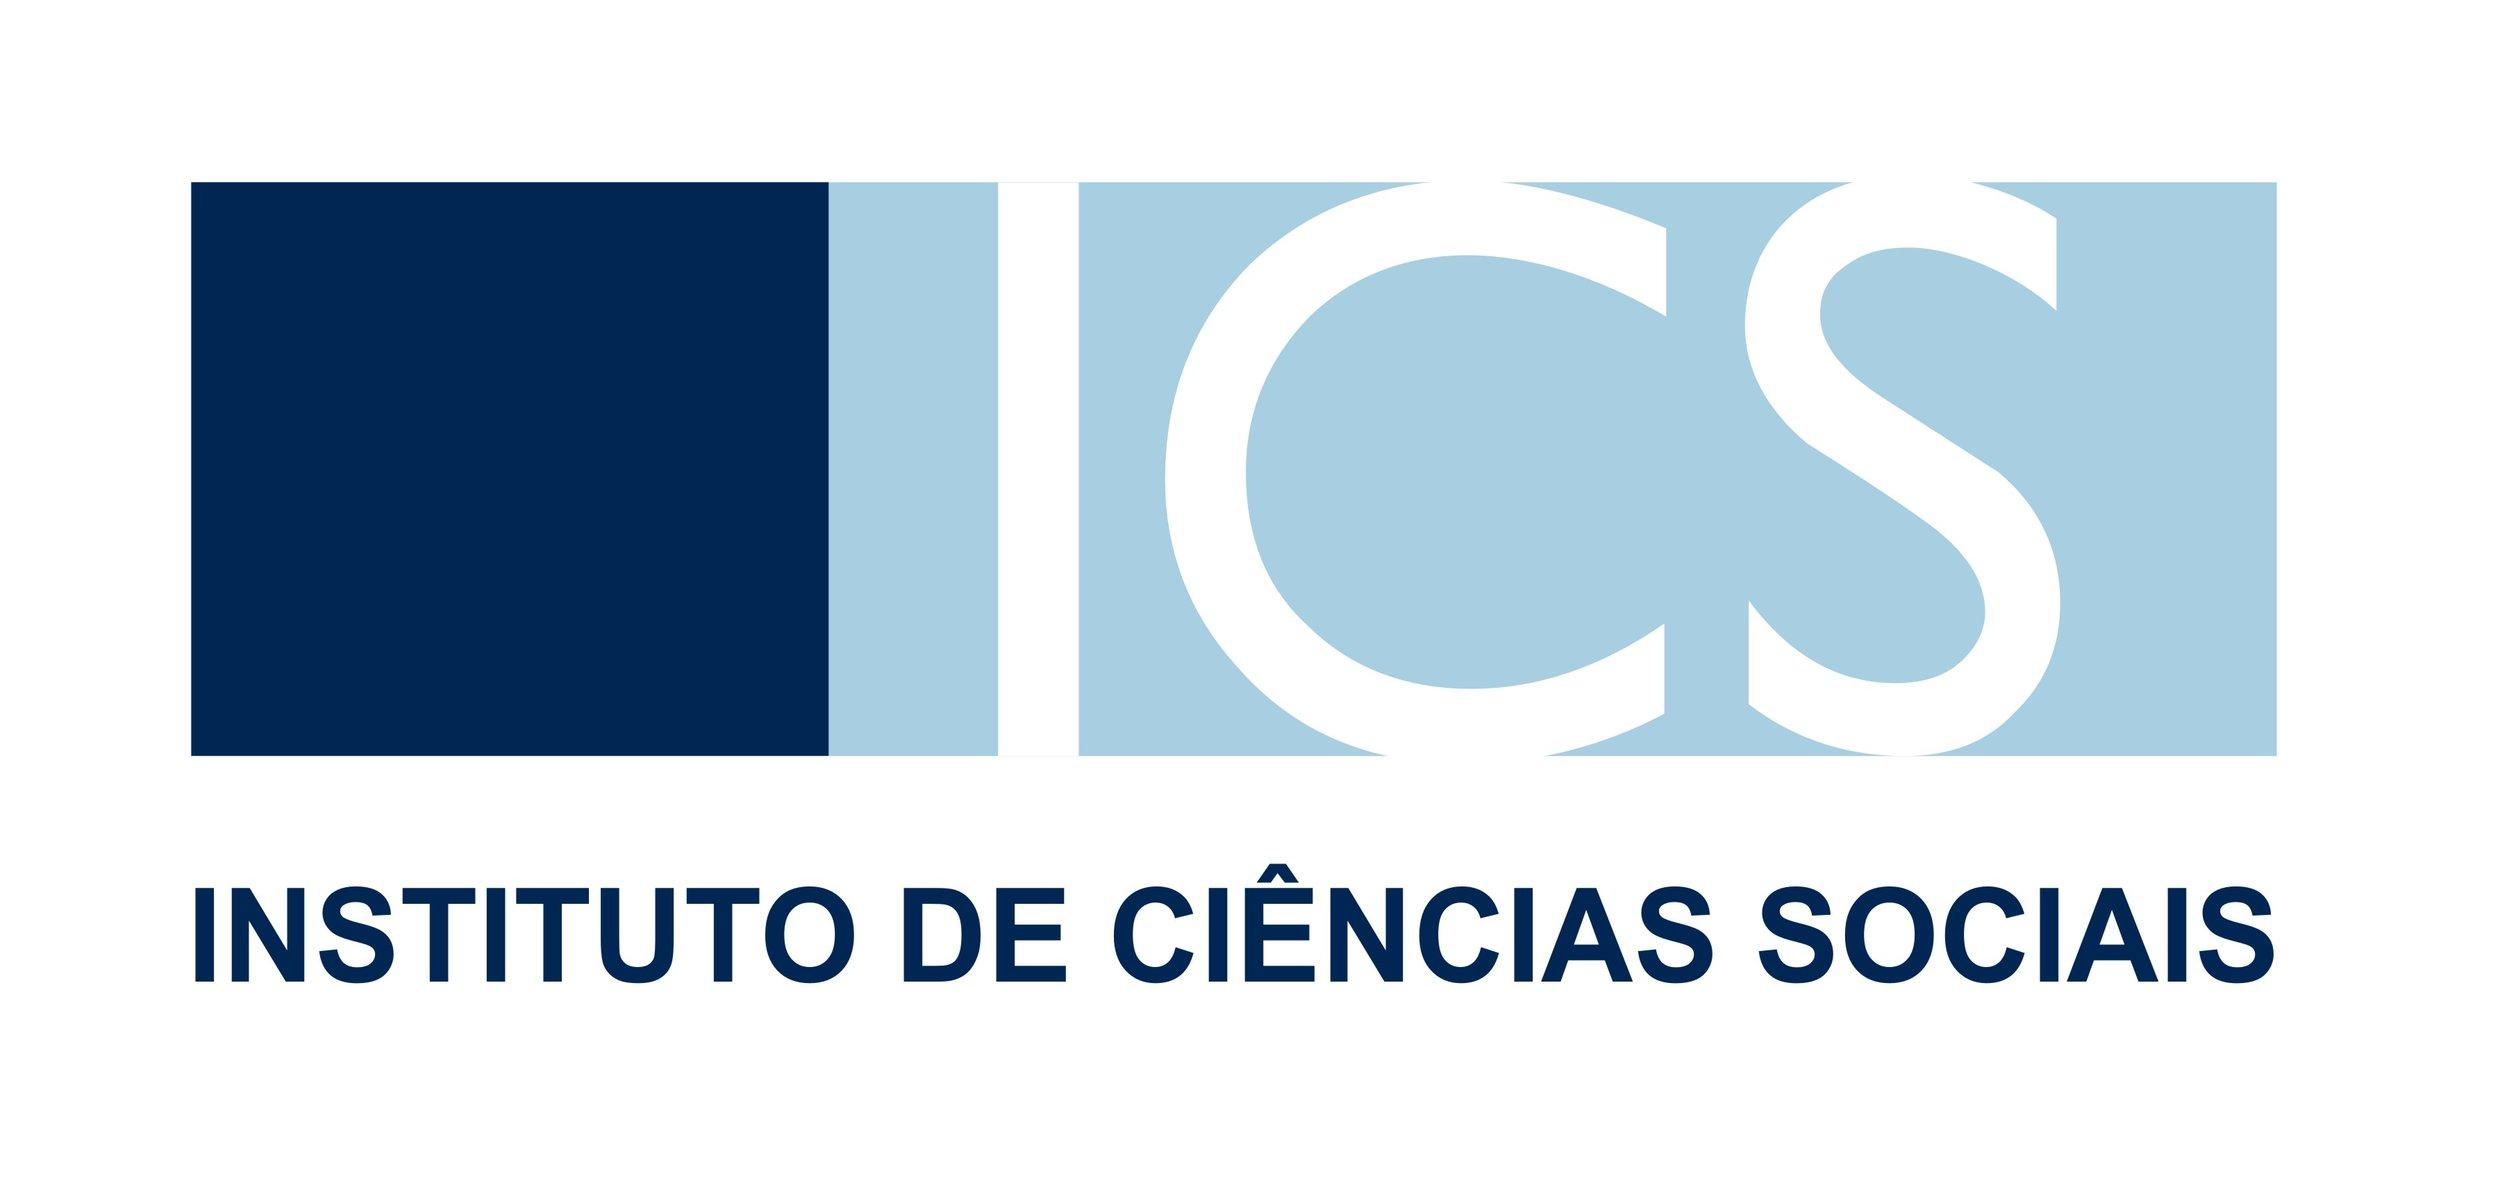 Logo_ICS (maior_resolução).jpg